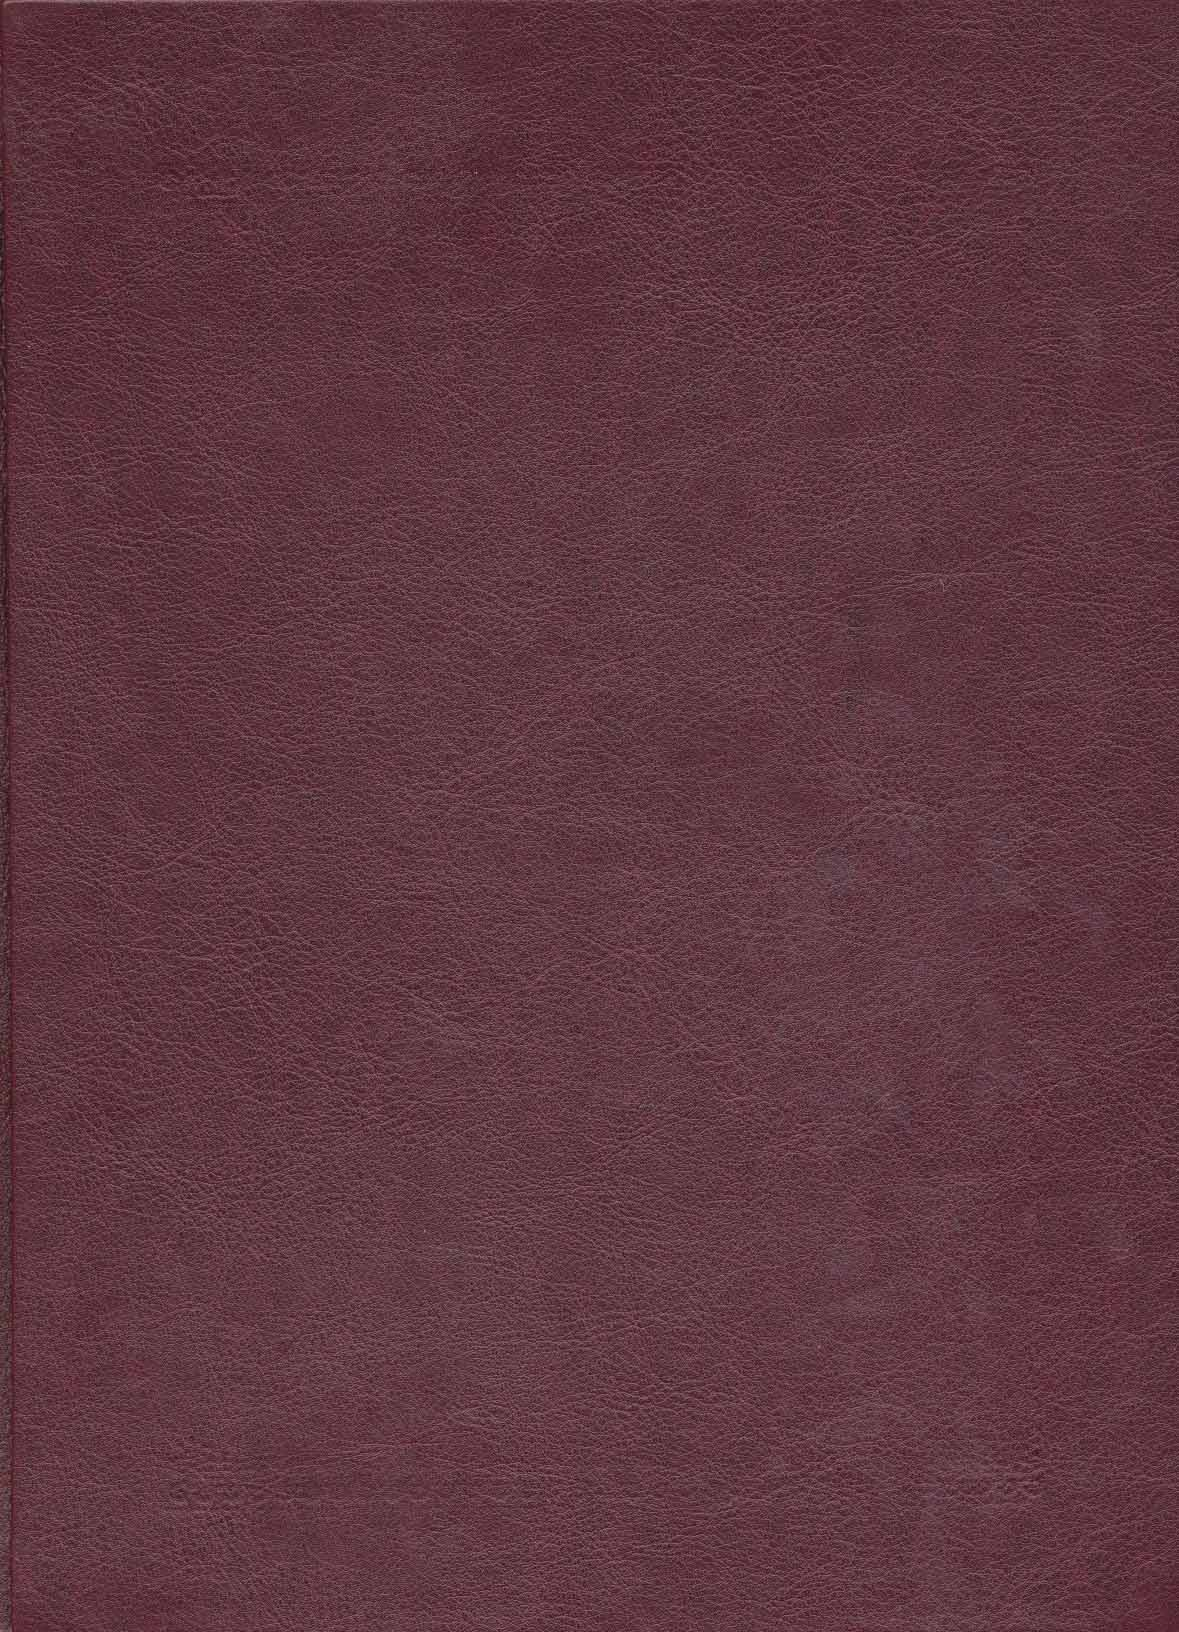 دیوان حافظ (2زبانه،معطر،گلاسه،باجعبه،چرم،لیزری)